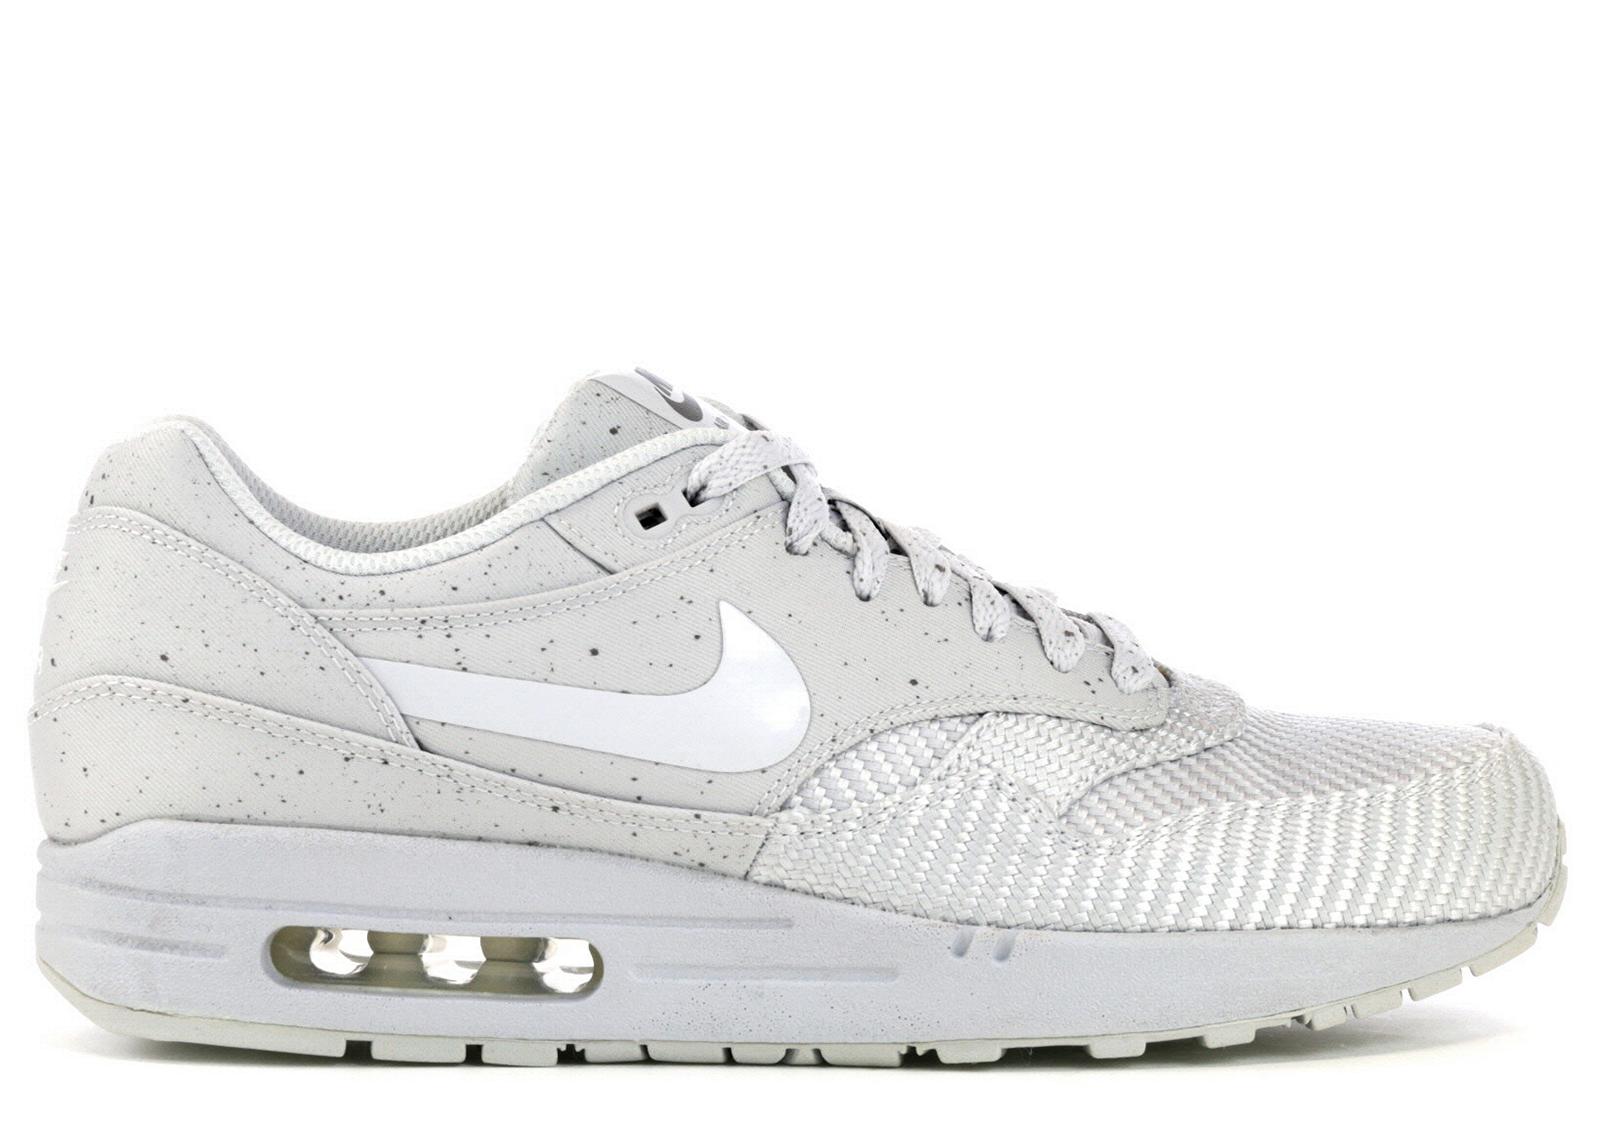 Nike Air Max 1 Monotones Vol 1 - 635786-009